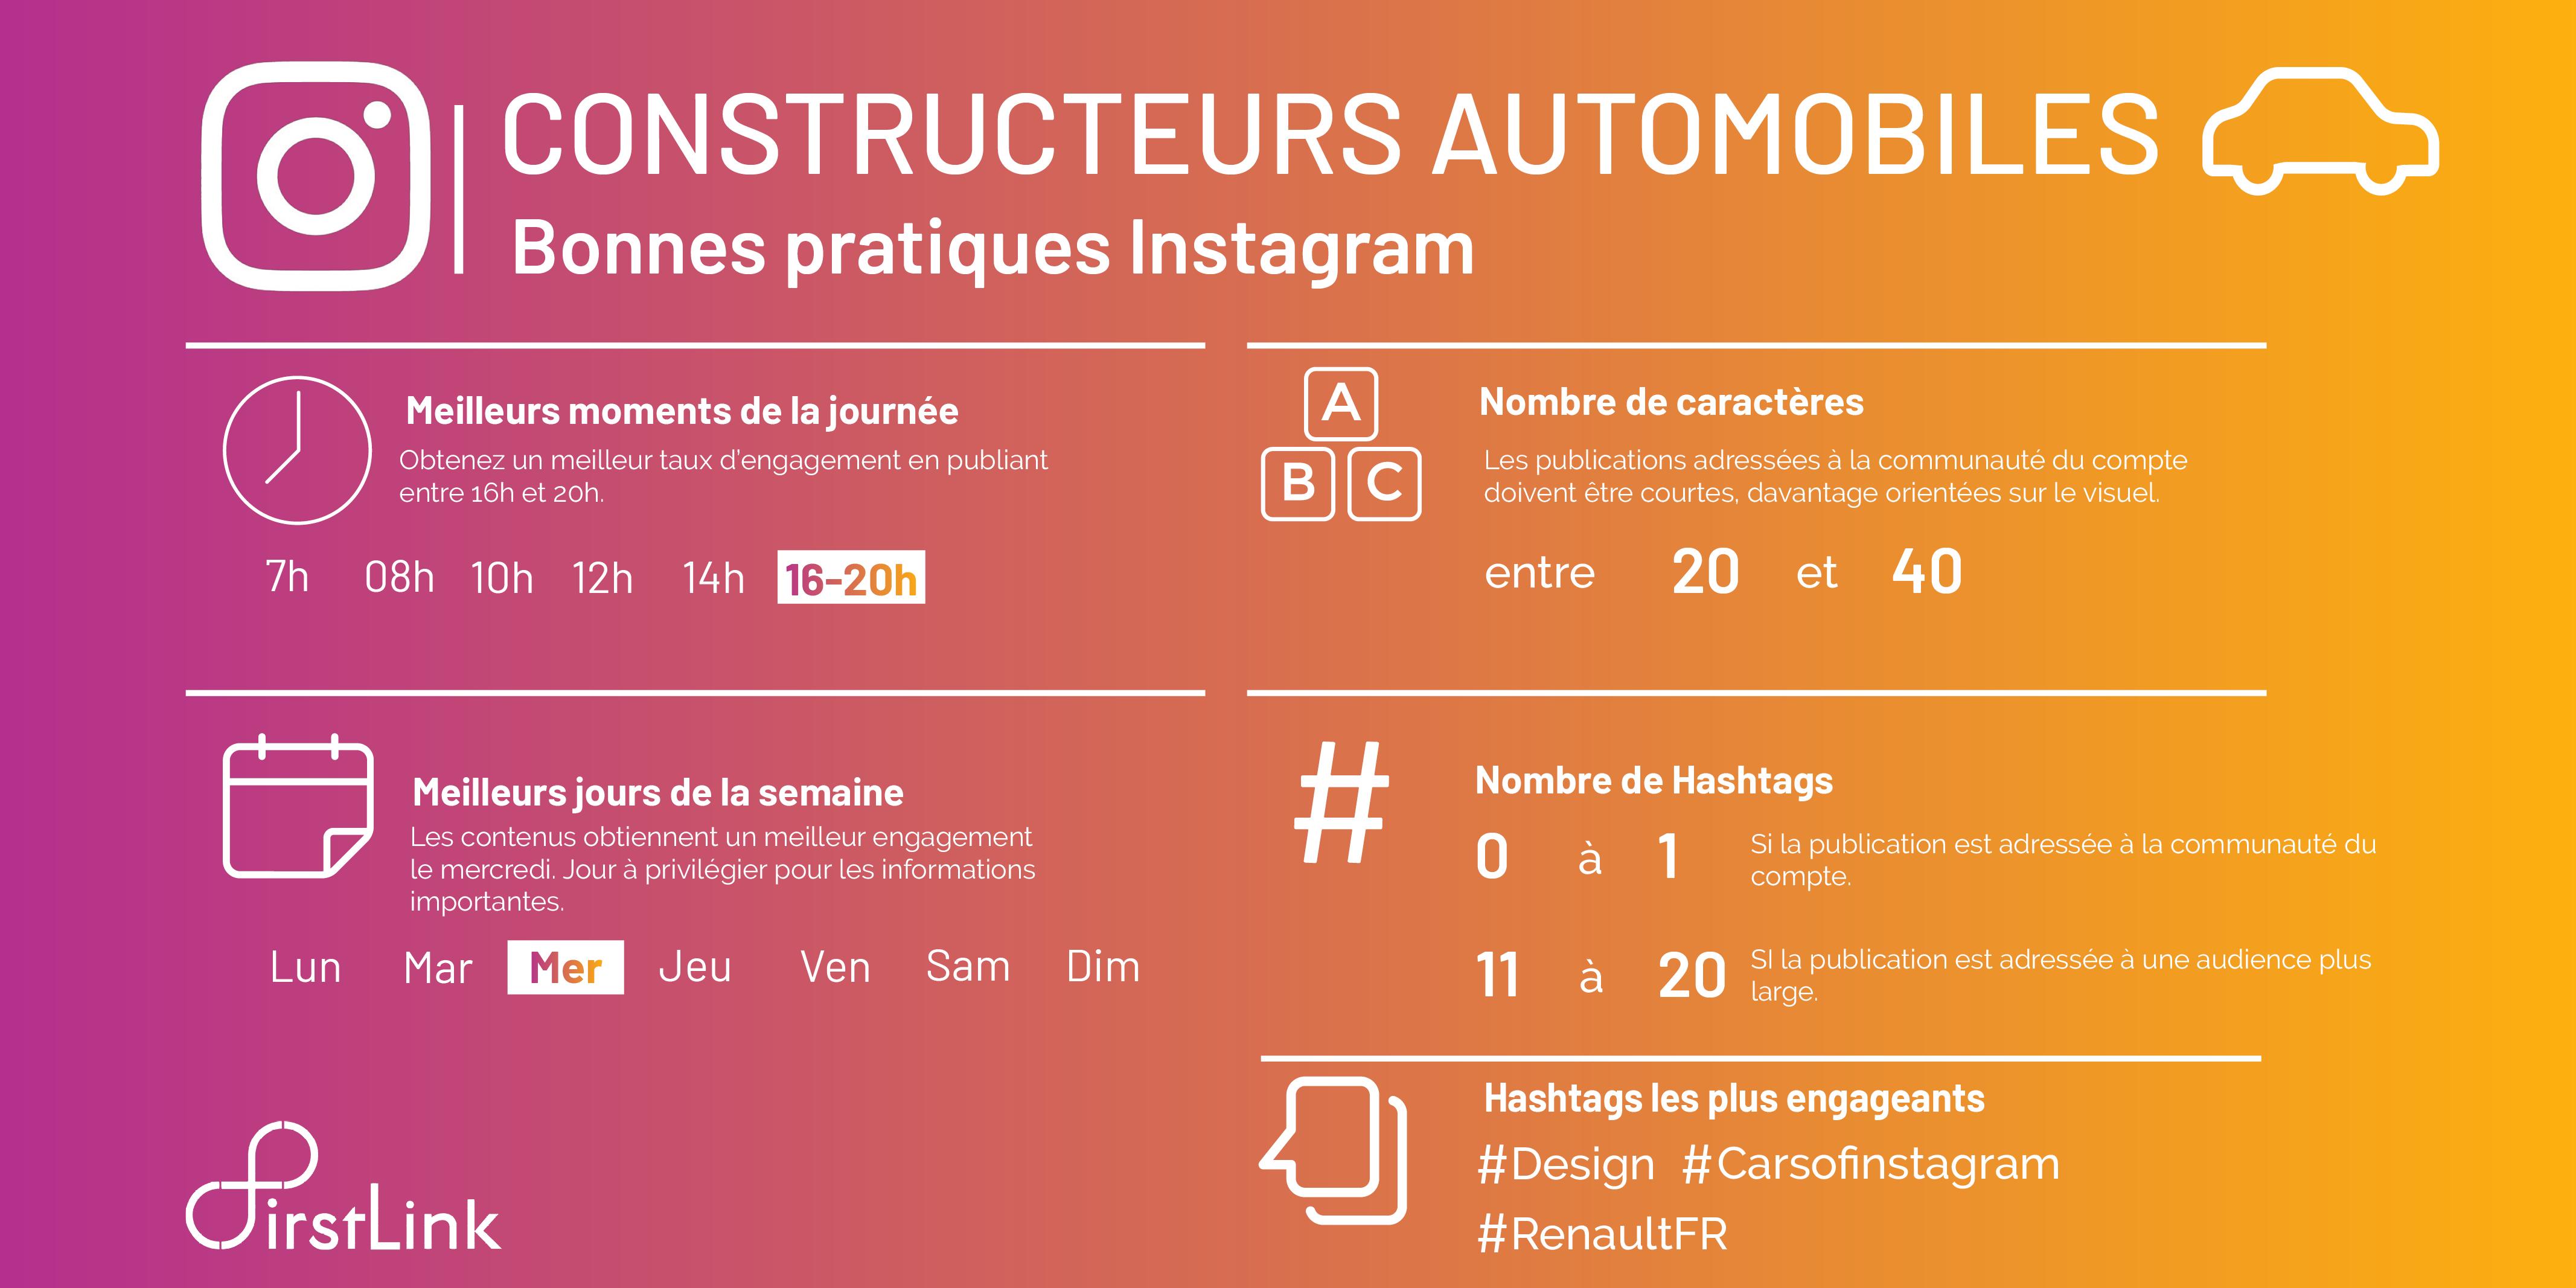 Infographie Instagram pour Constructeurs automobiles